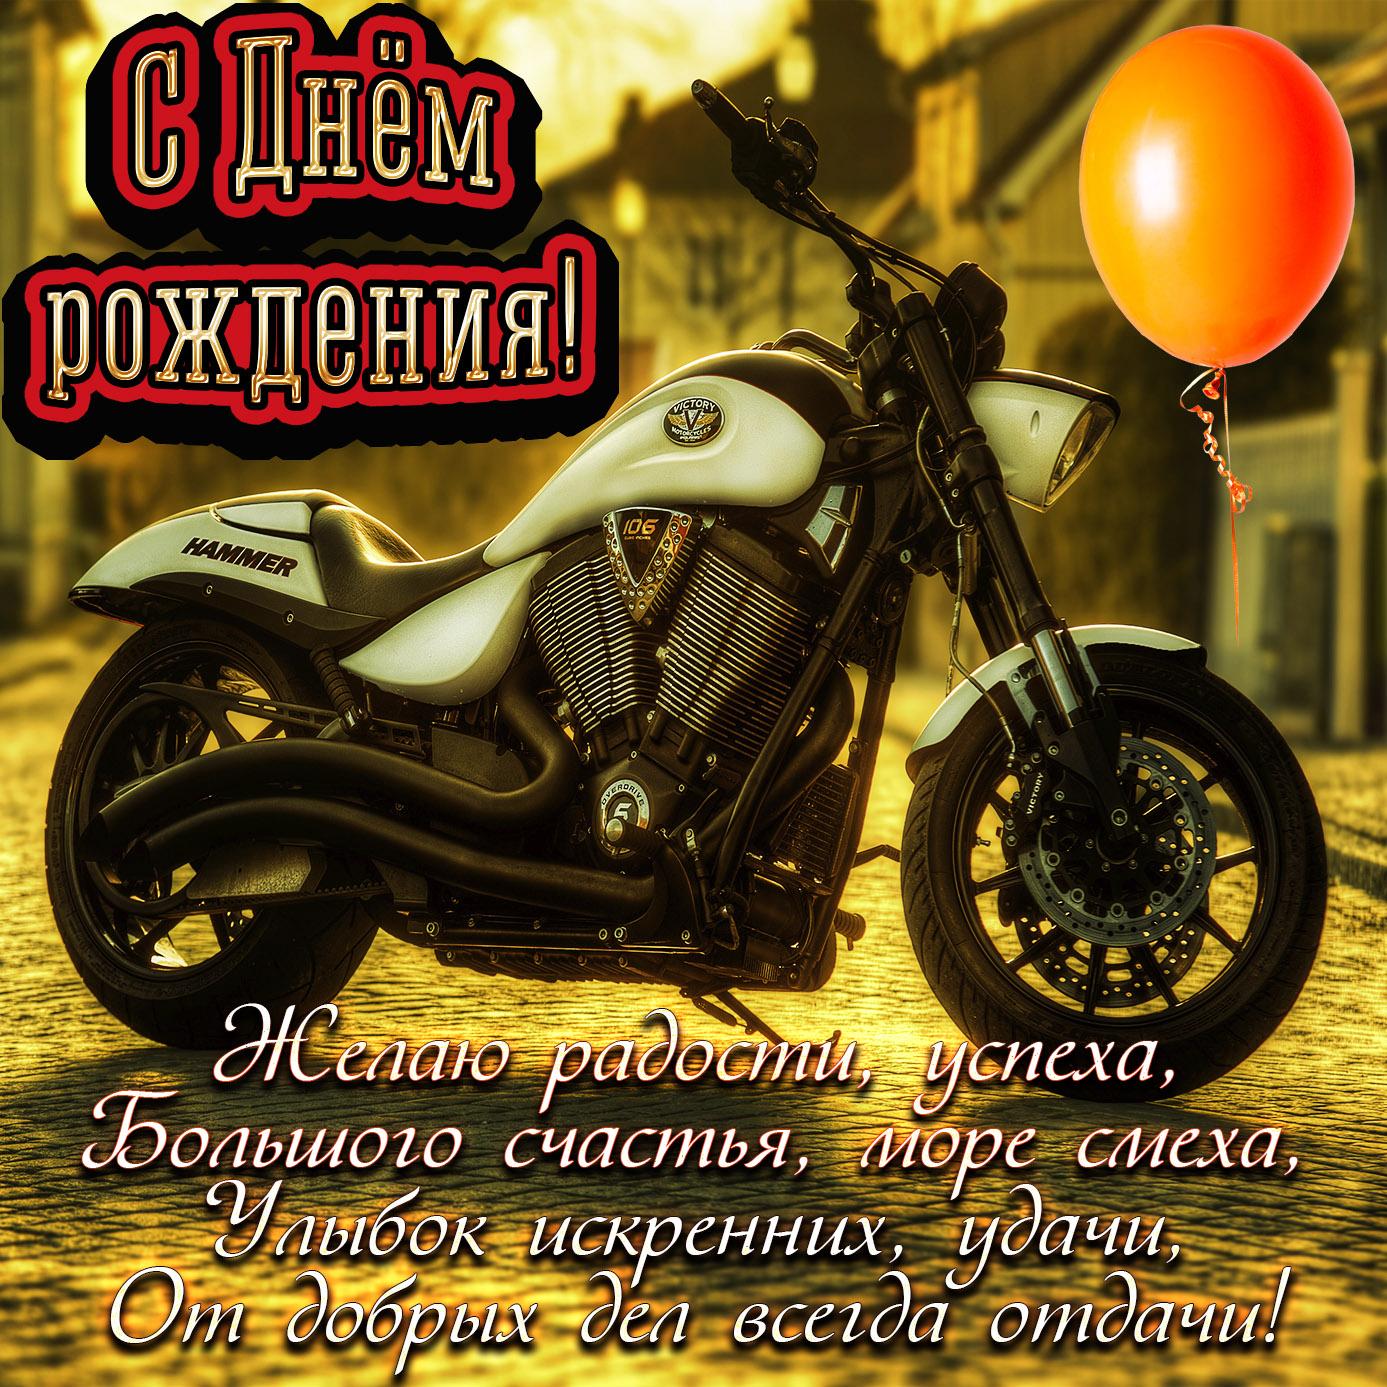 Открытка с мотоциклом в красивом оформлении